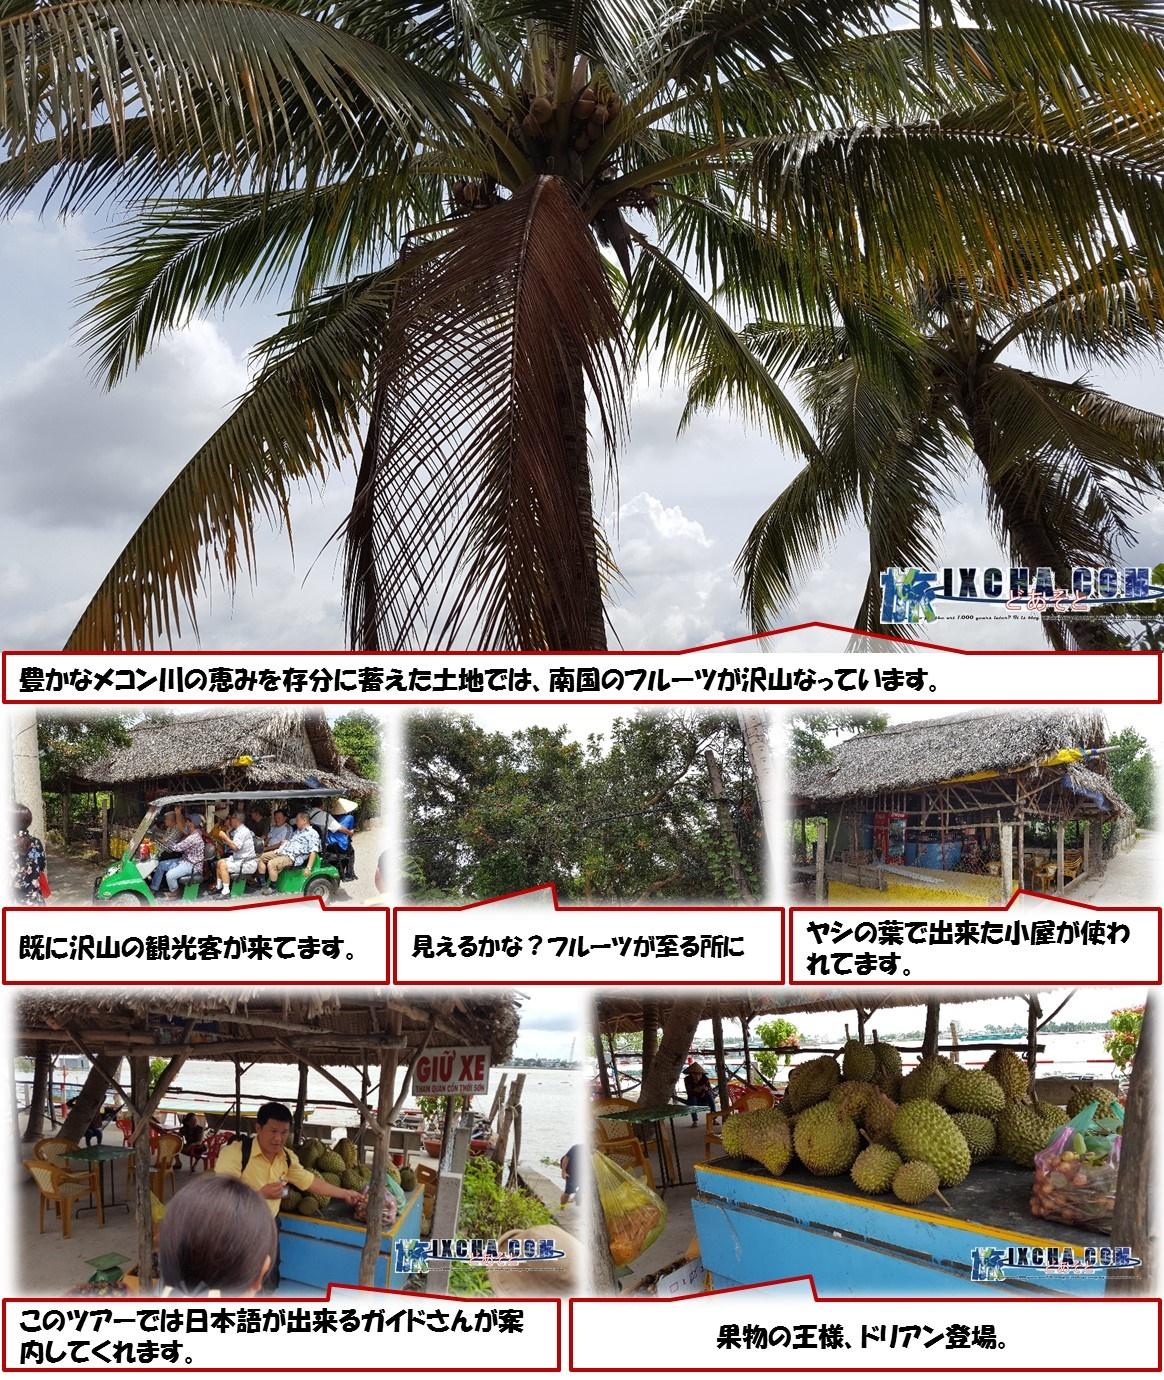 豊かなメコン川の恵みを存分に蓄えた土地では、南国のフルーツが沢山なっています。 既に沢山の観光客が来てます。 見えるかな?フルーツが至る所に ヤシの葉で出来た小屋が使われてます。 このツアーでは日本語が出来るガイドさんが案内してくれます。 果物の王様、ドリアン登場。